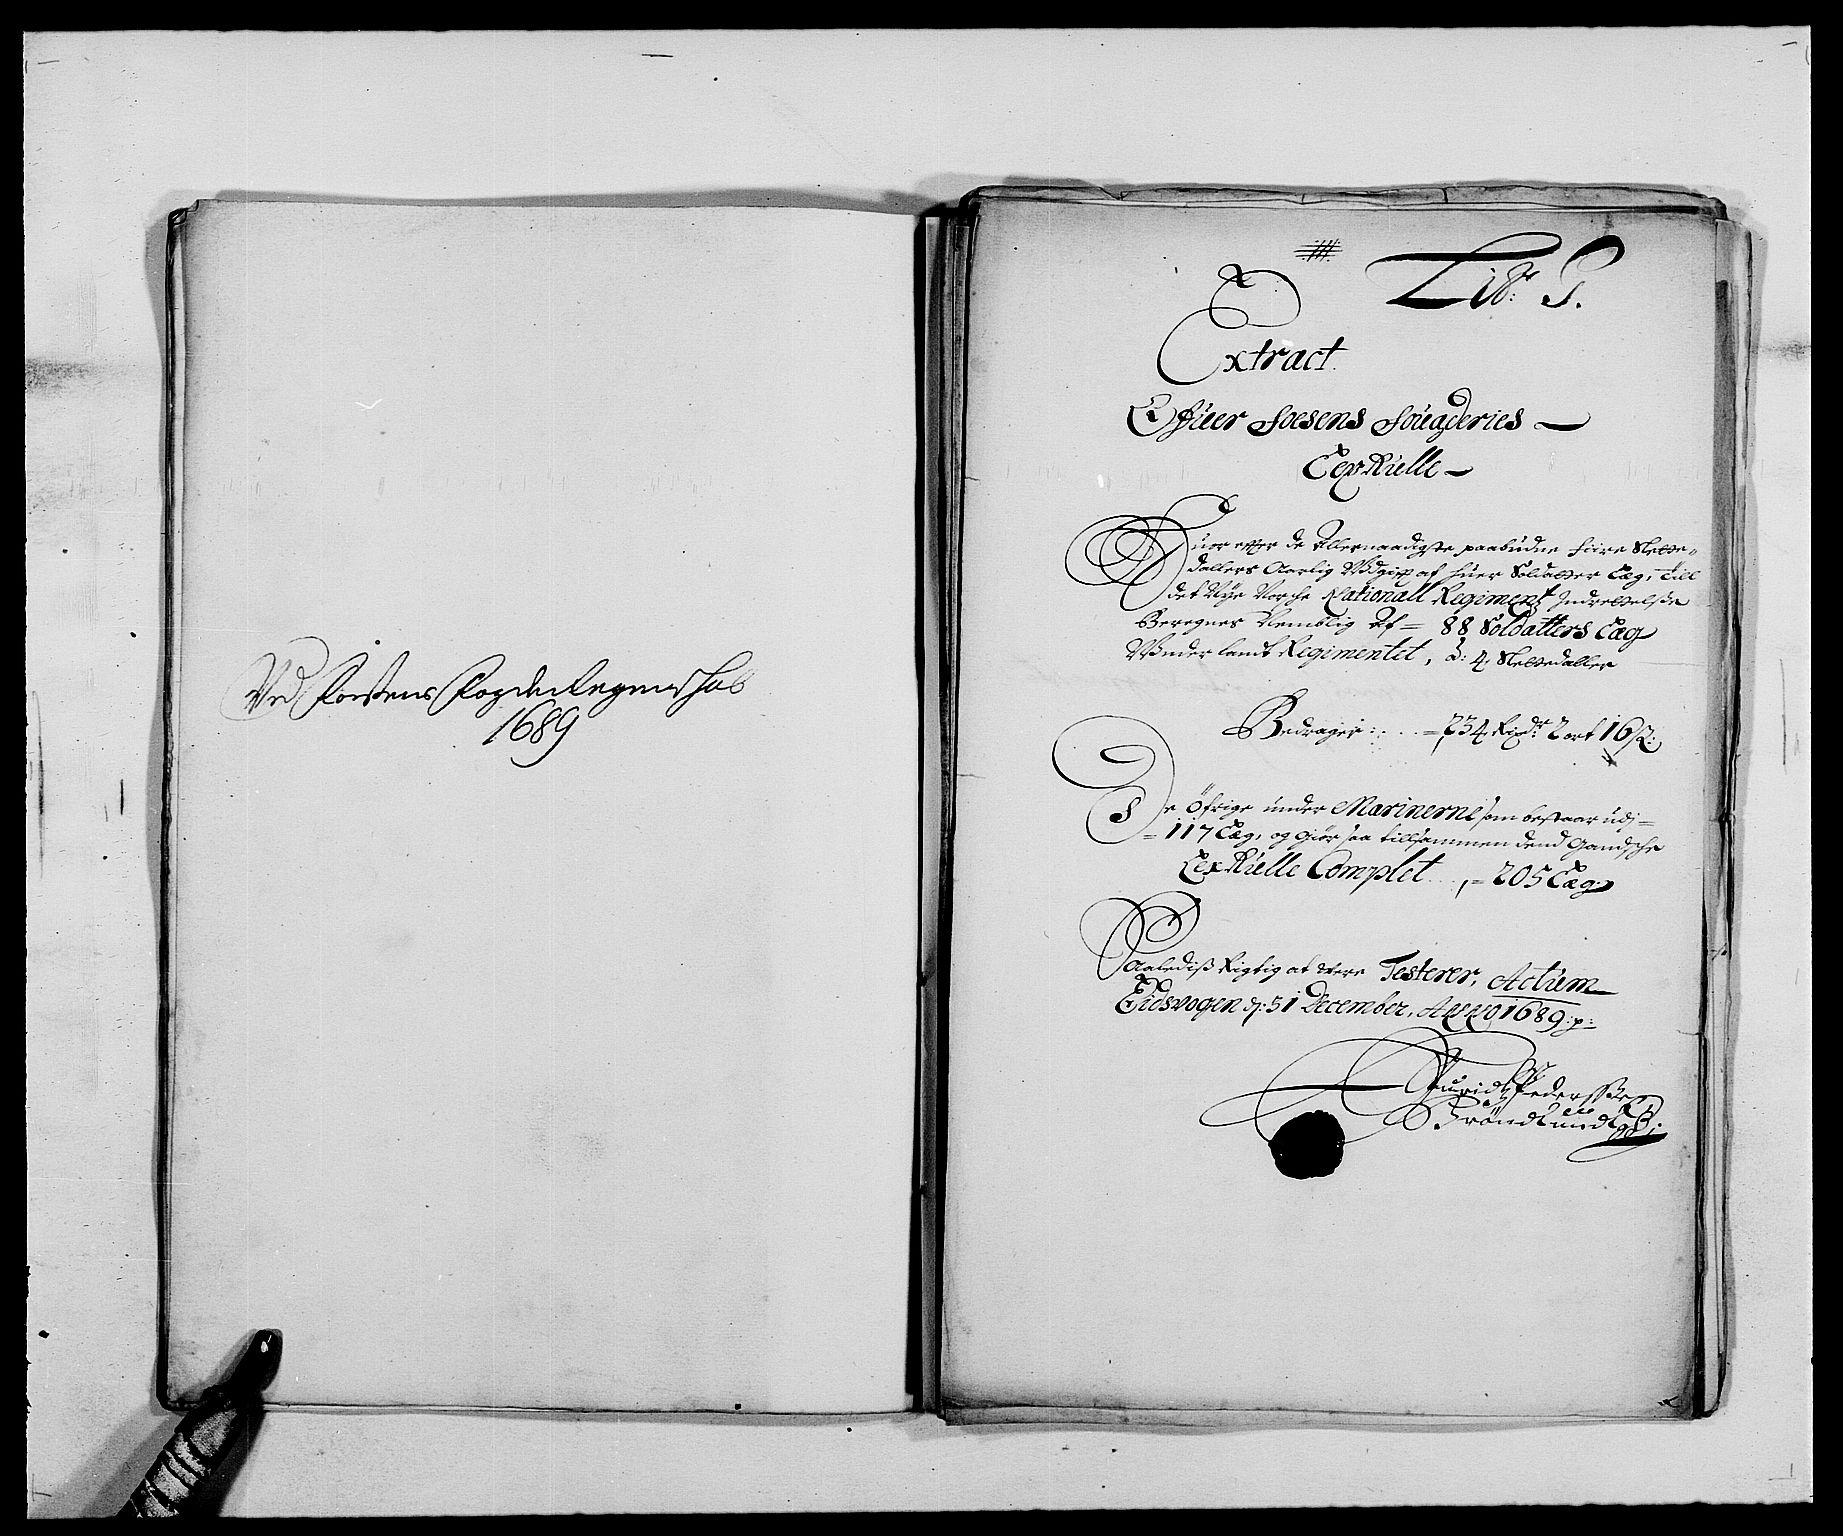 RA, Rentekammeret inntil 1814, Reviderte regnskaper, Fogderegnskap, R57/L3847: Fogderegnskap Fosen, 1689, s. 62